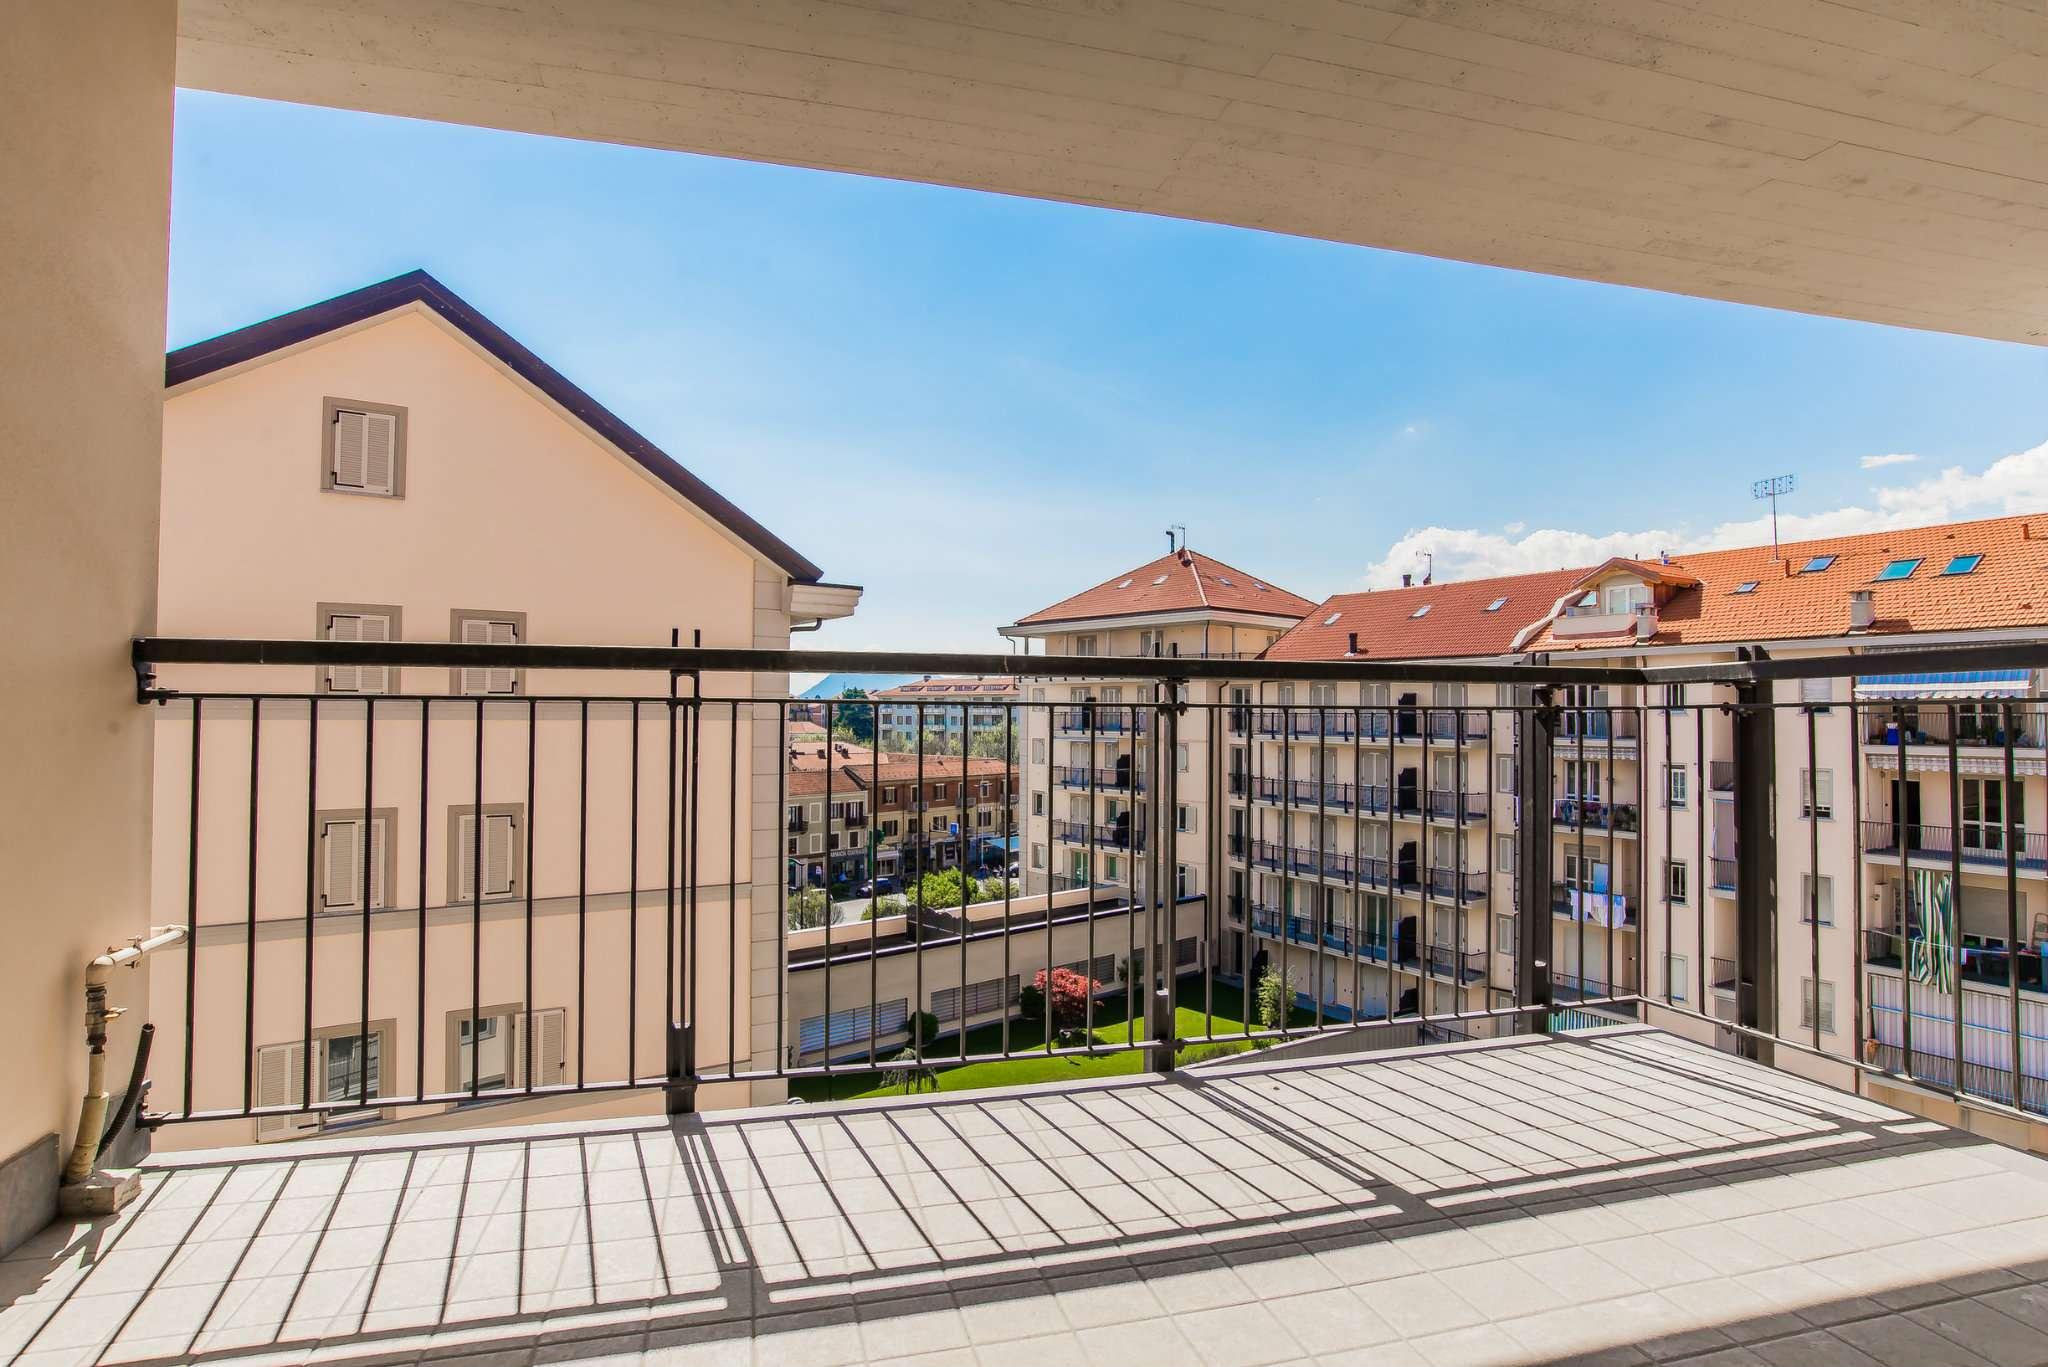 Immagine immobiliare RIVOLI REALE - AMPIO TRILOCALE MANSARDATO RIVOLI REALE, è il nuovo elegante complesso residenziale che sorge nel pieno centro di Rivoli.Ultimi appartamenti in classe A, di diverse tipologie per rispondere alle esigenze più...